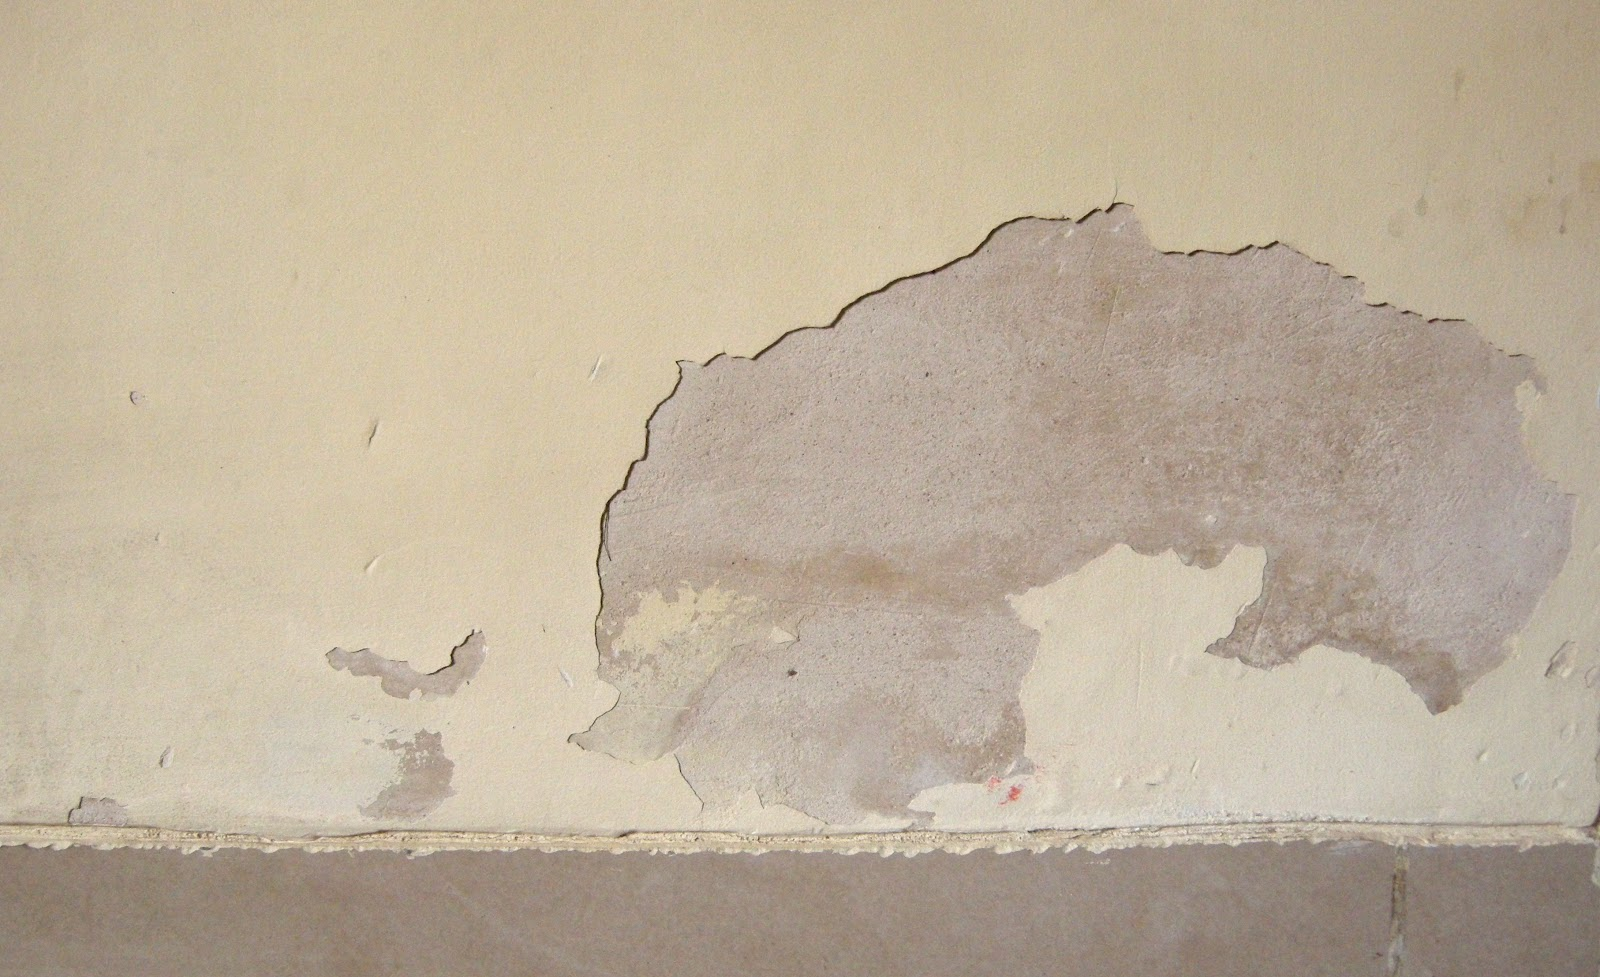 Black Corrosion Paint Peeling